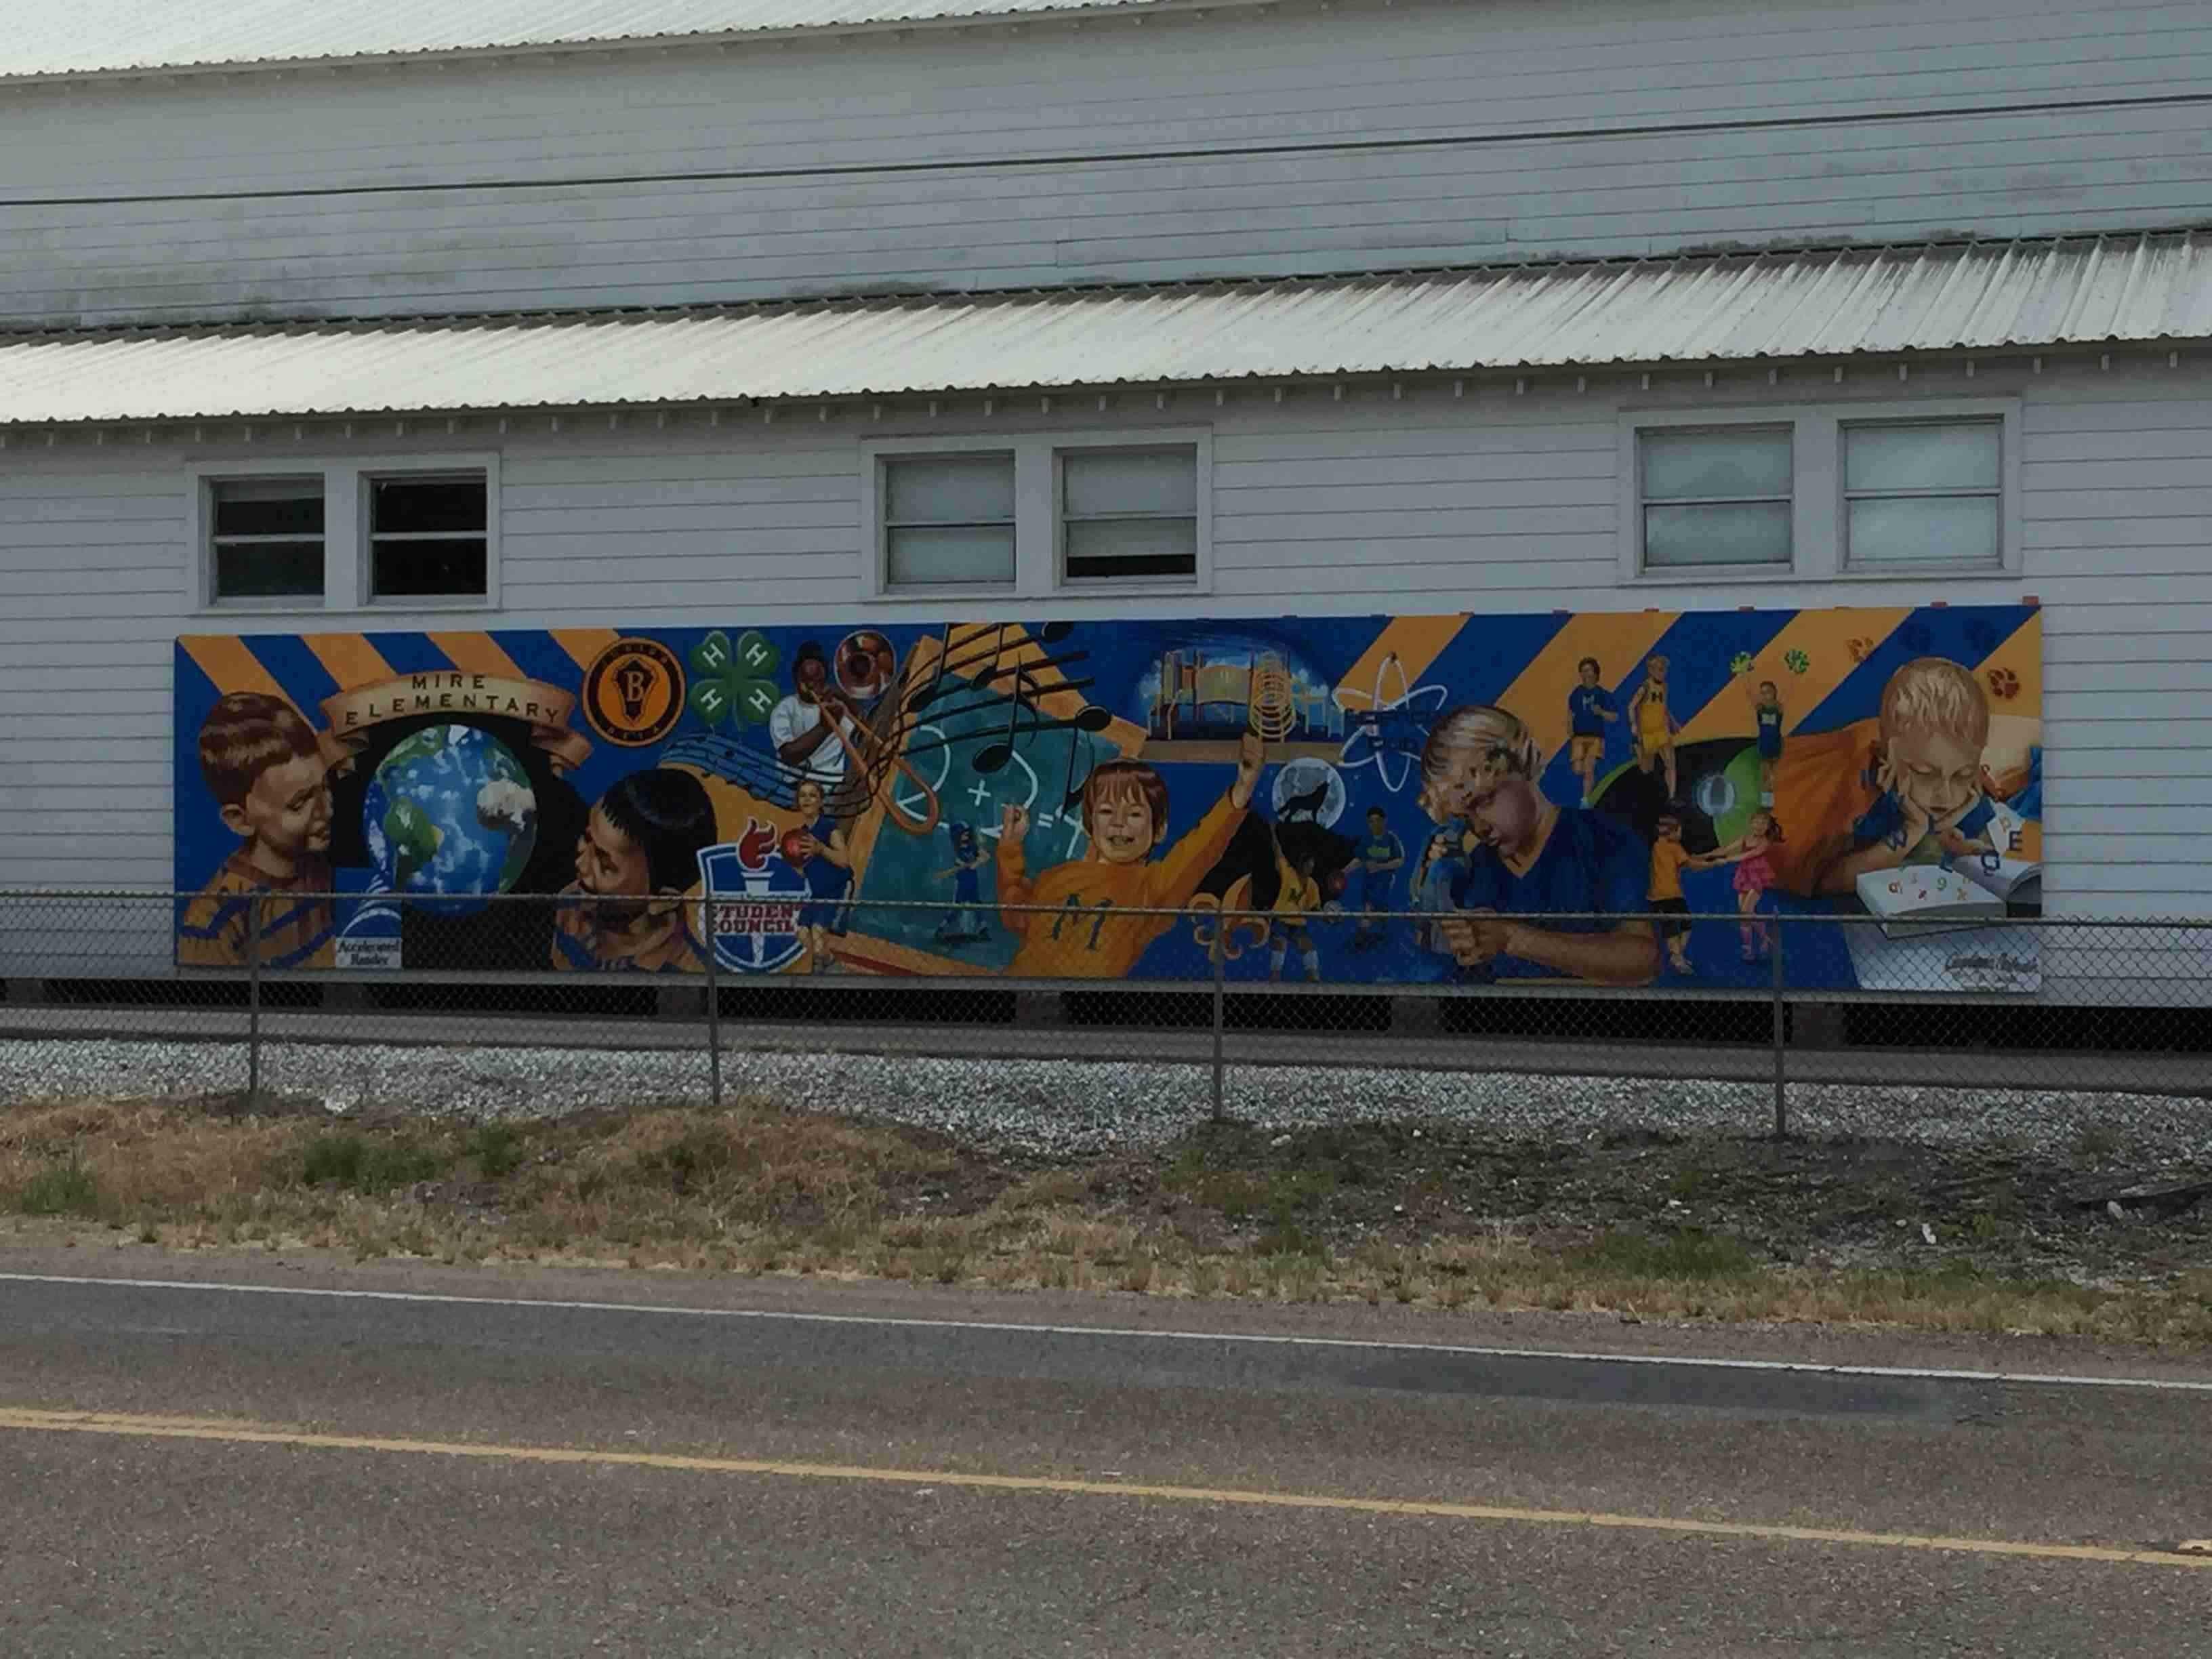 Lafayette artist paints mural at mire elementary school for Elementary school mural